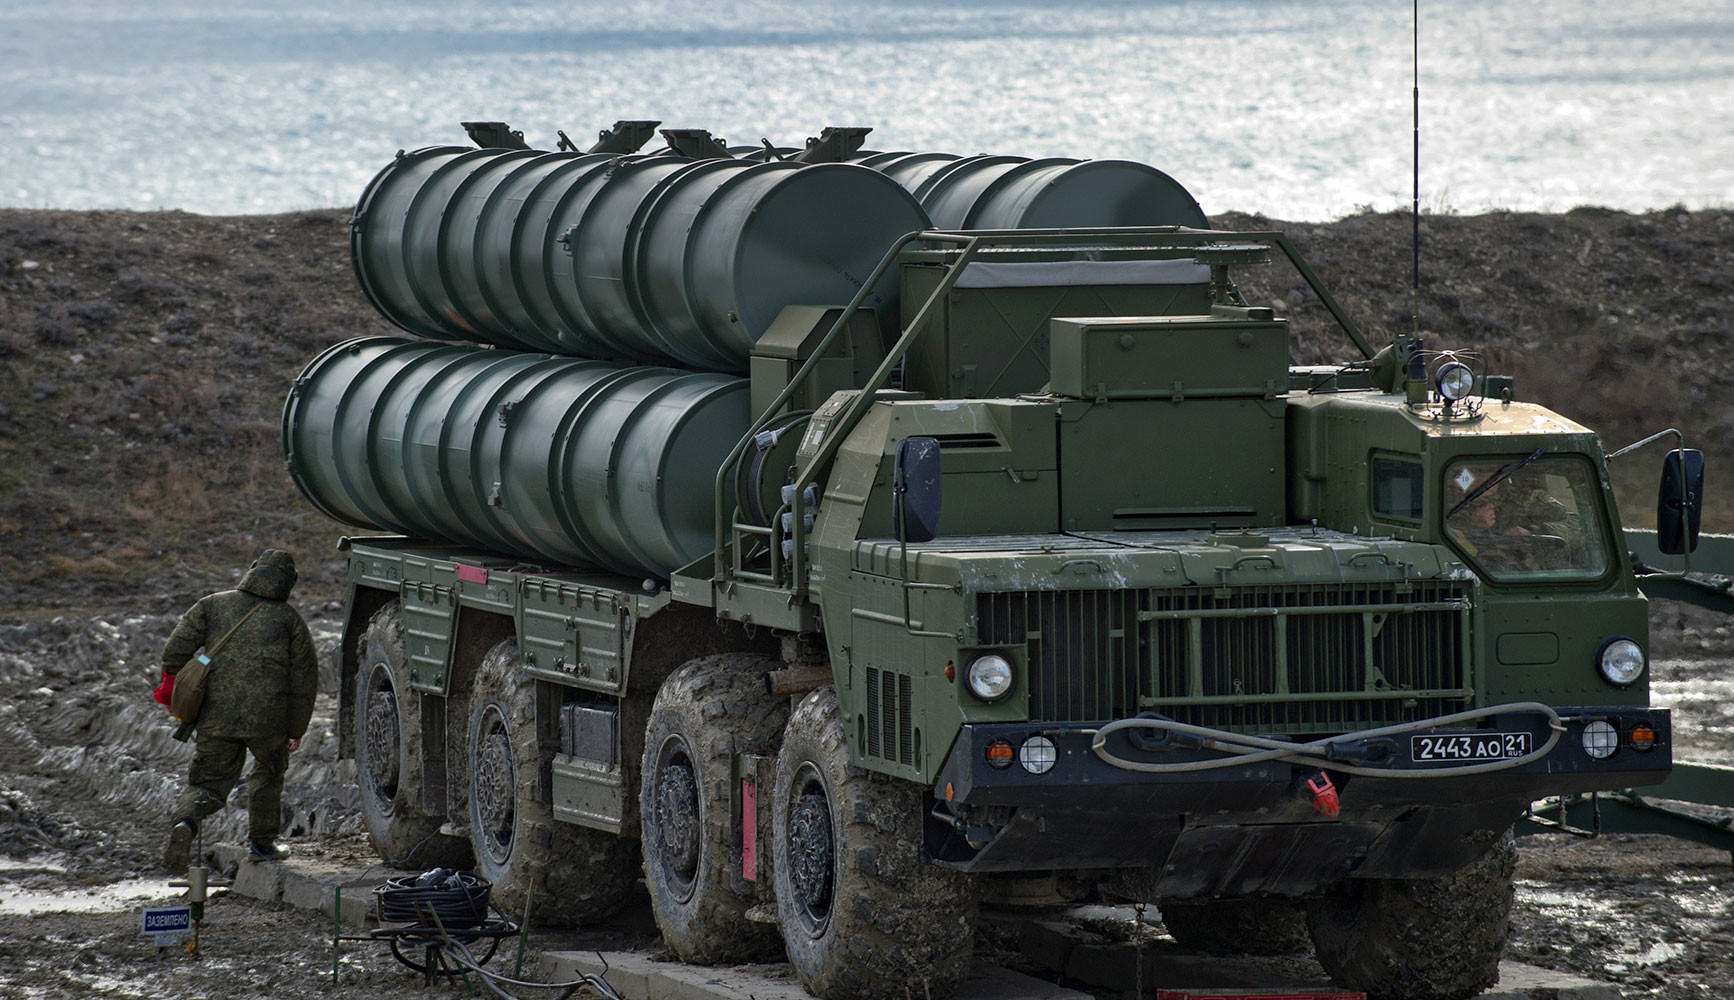 «Громоздкие и не всегда удобные» - критика Китая в адрес российских ЗРК С-400